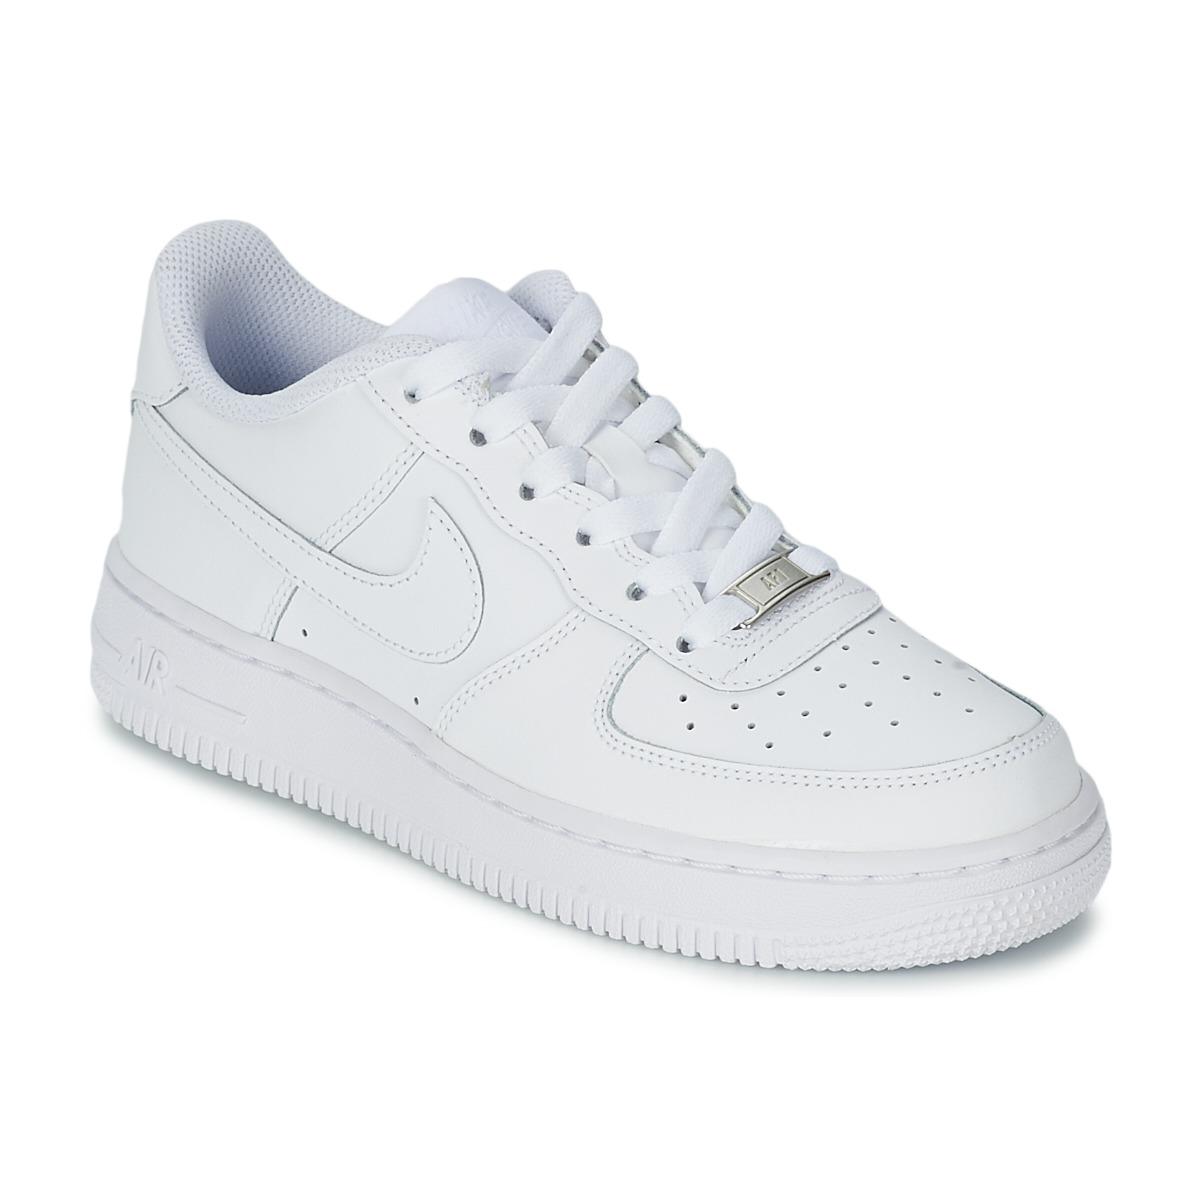 nike air force 1 blanc livraison gratuite avec chaussures baskets basses. Black Bedroom Furniture Sets. Home Design Ideas